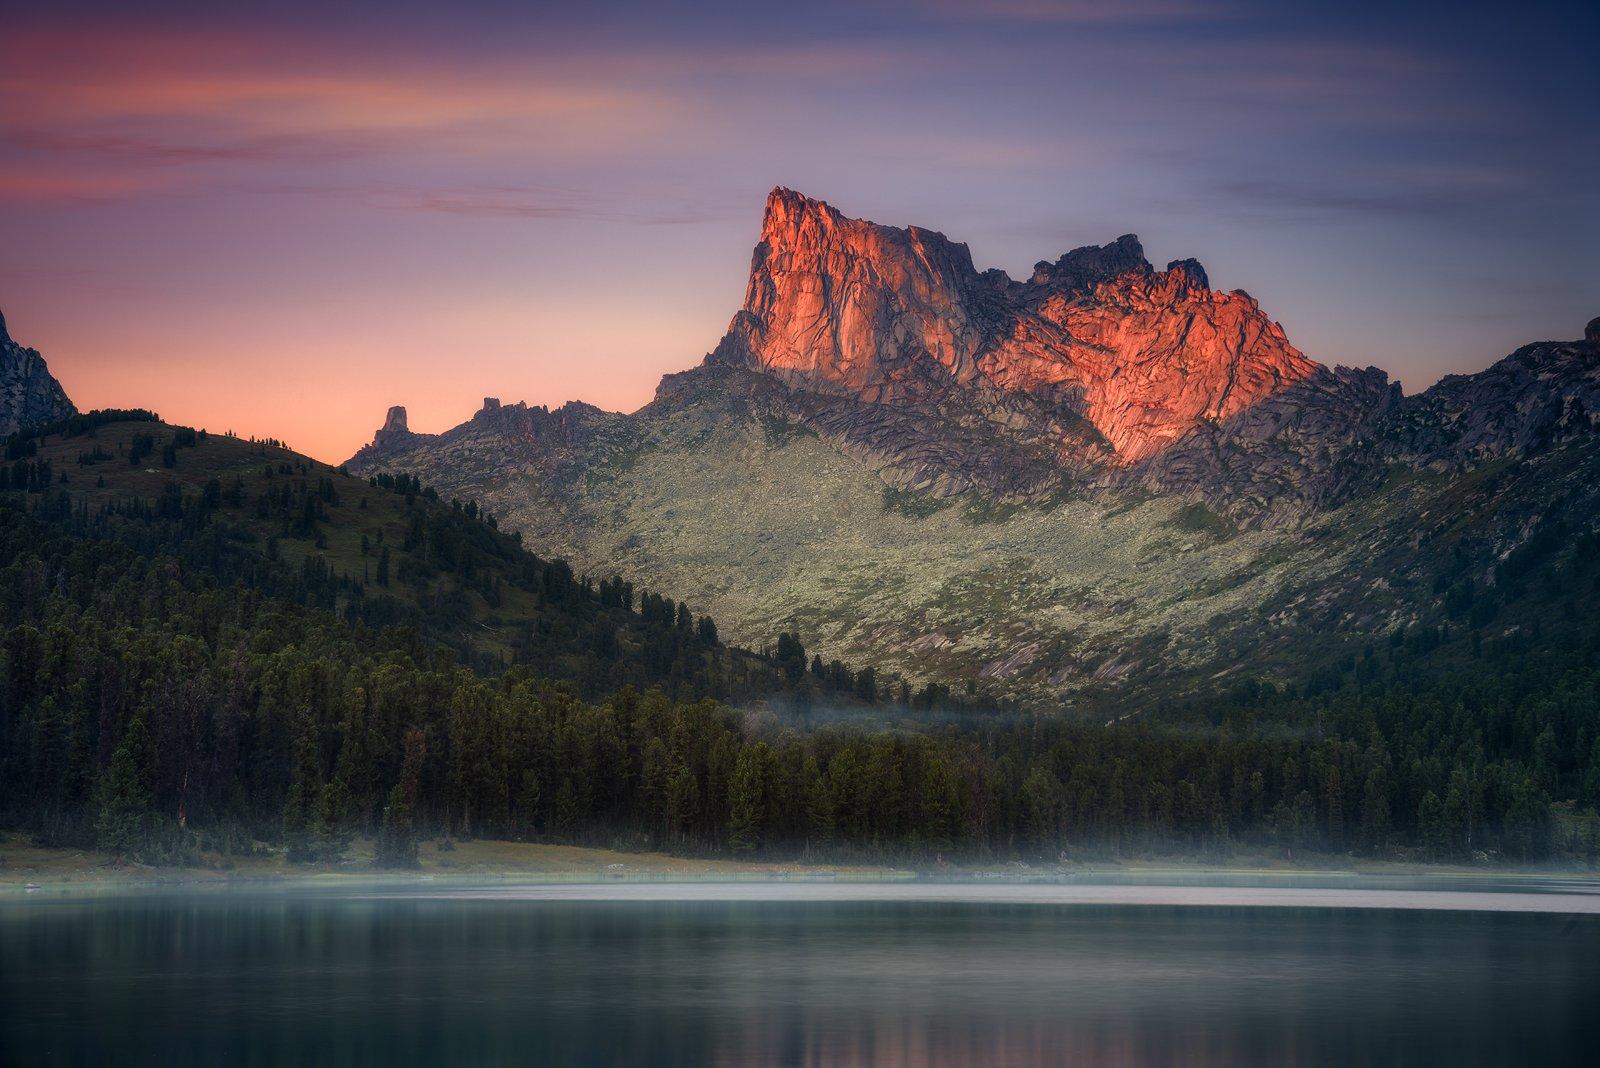 пейзаж, природа, красноярский край, ергаки, горы, пик, вершина, скала, тайга, вечер, закат, озеро, светлое, отражение, поход, туризм, путешествие, высокие, большой, красивая, Антипов Дмитрий